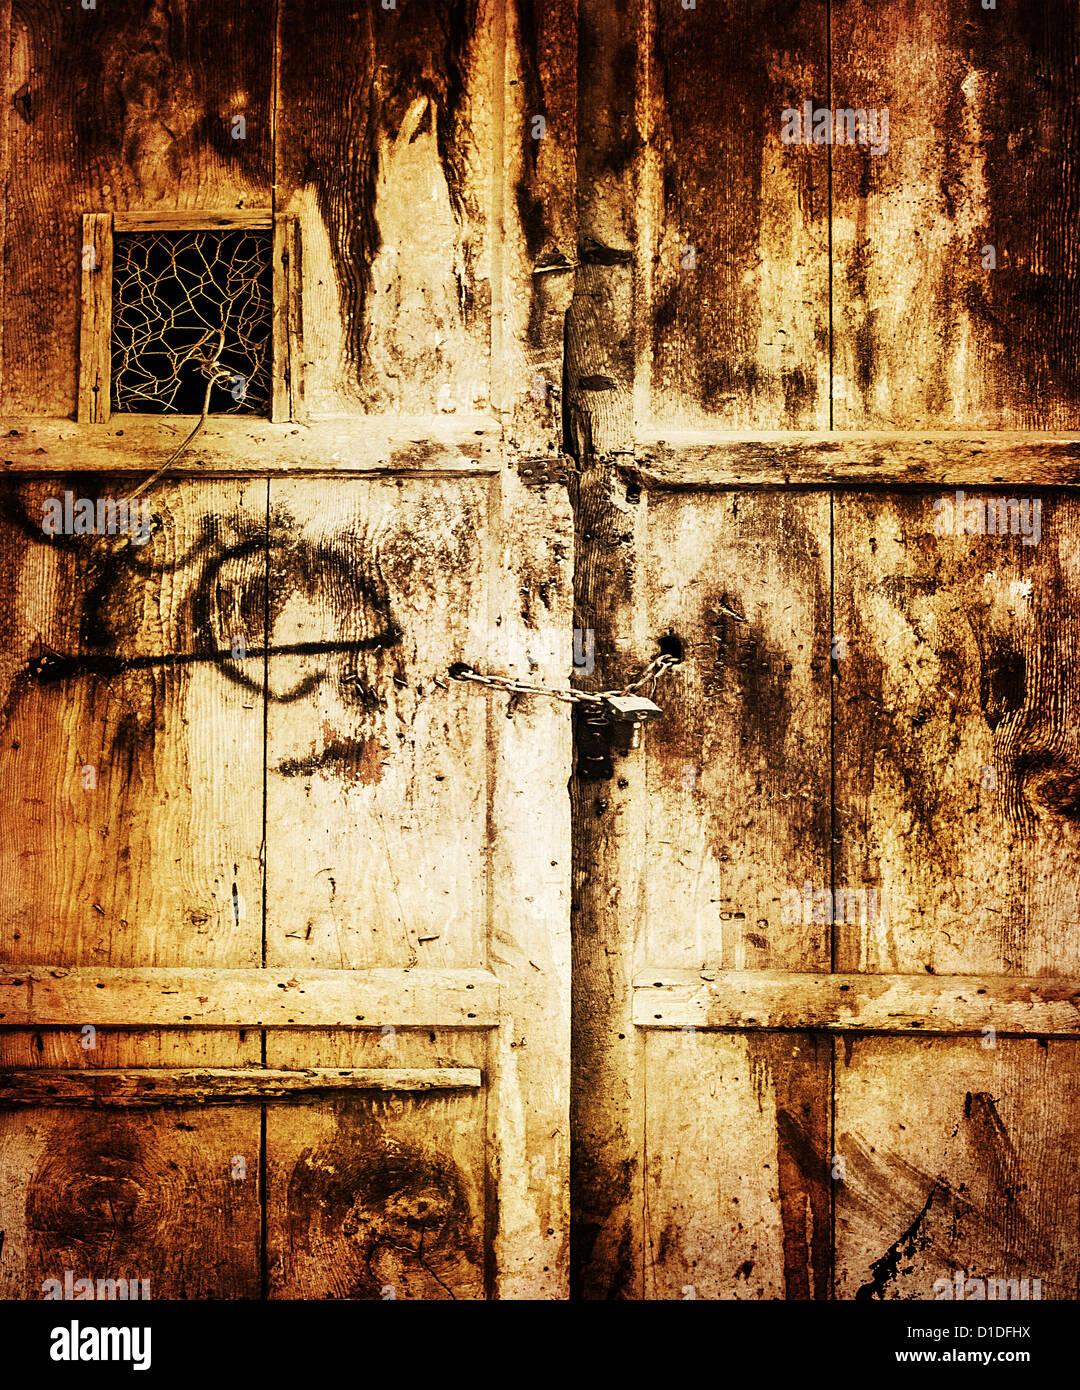 Image de l'ancienne porte en bois, l'arrière-plan sale style rétro photo, grungy entrée dans Photo Stock